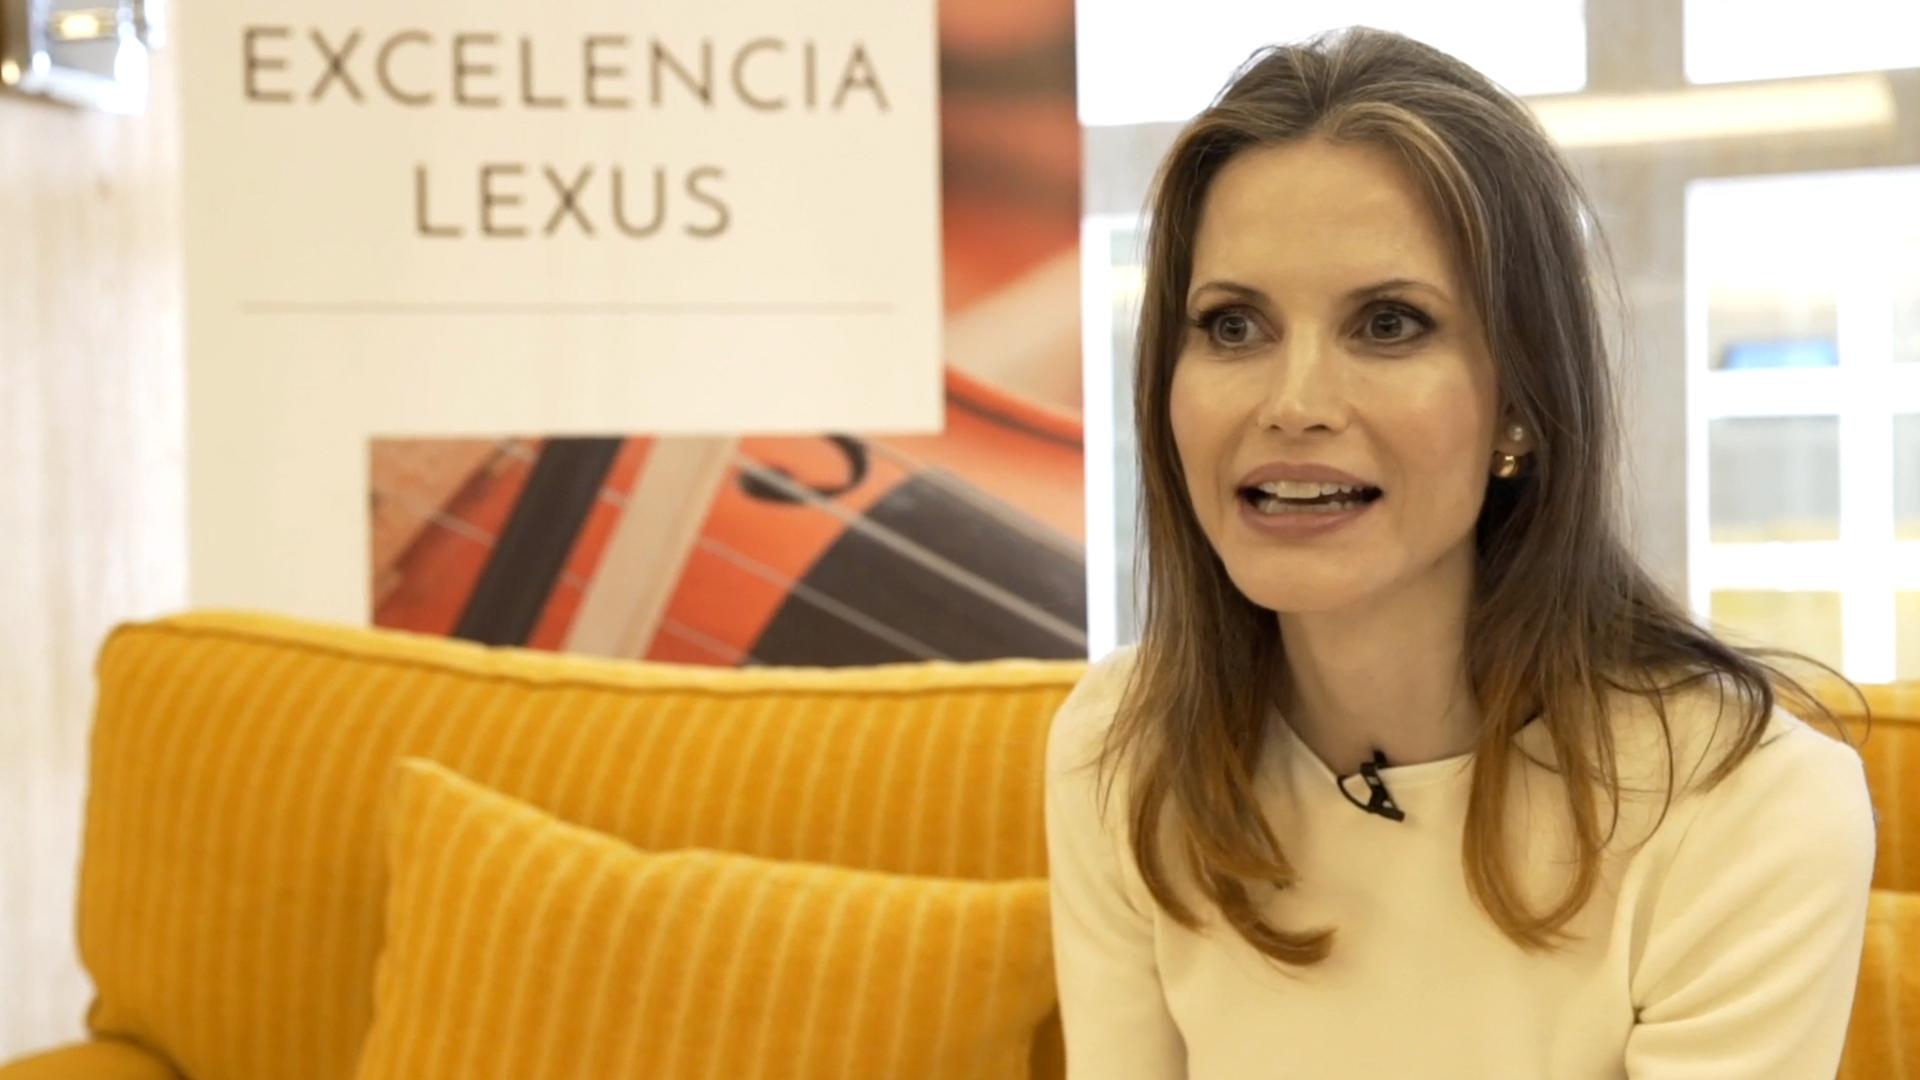 lexus blog hero inma video2